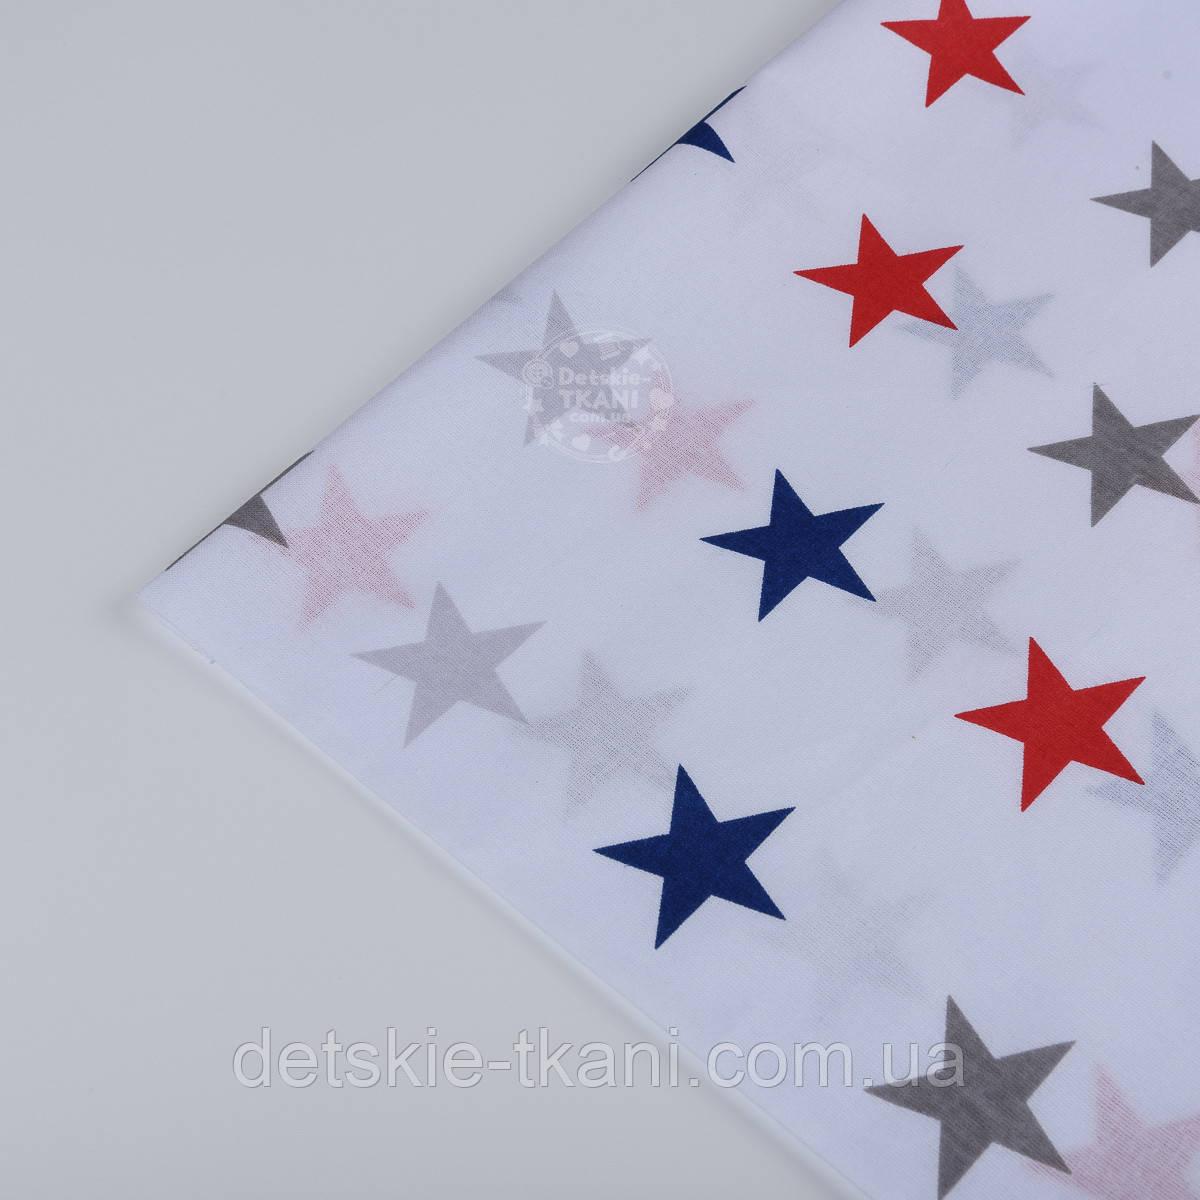 Лоскут ткани №242  с остроконечными звёздами